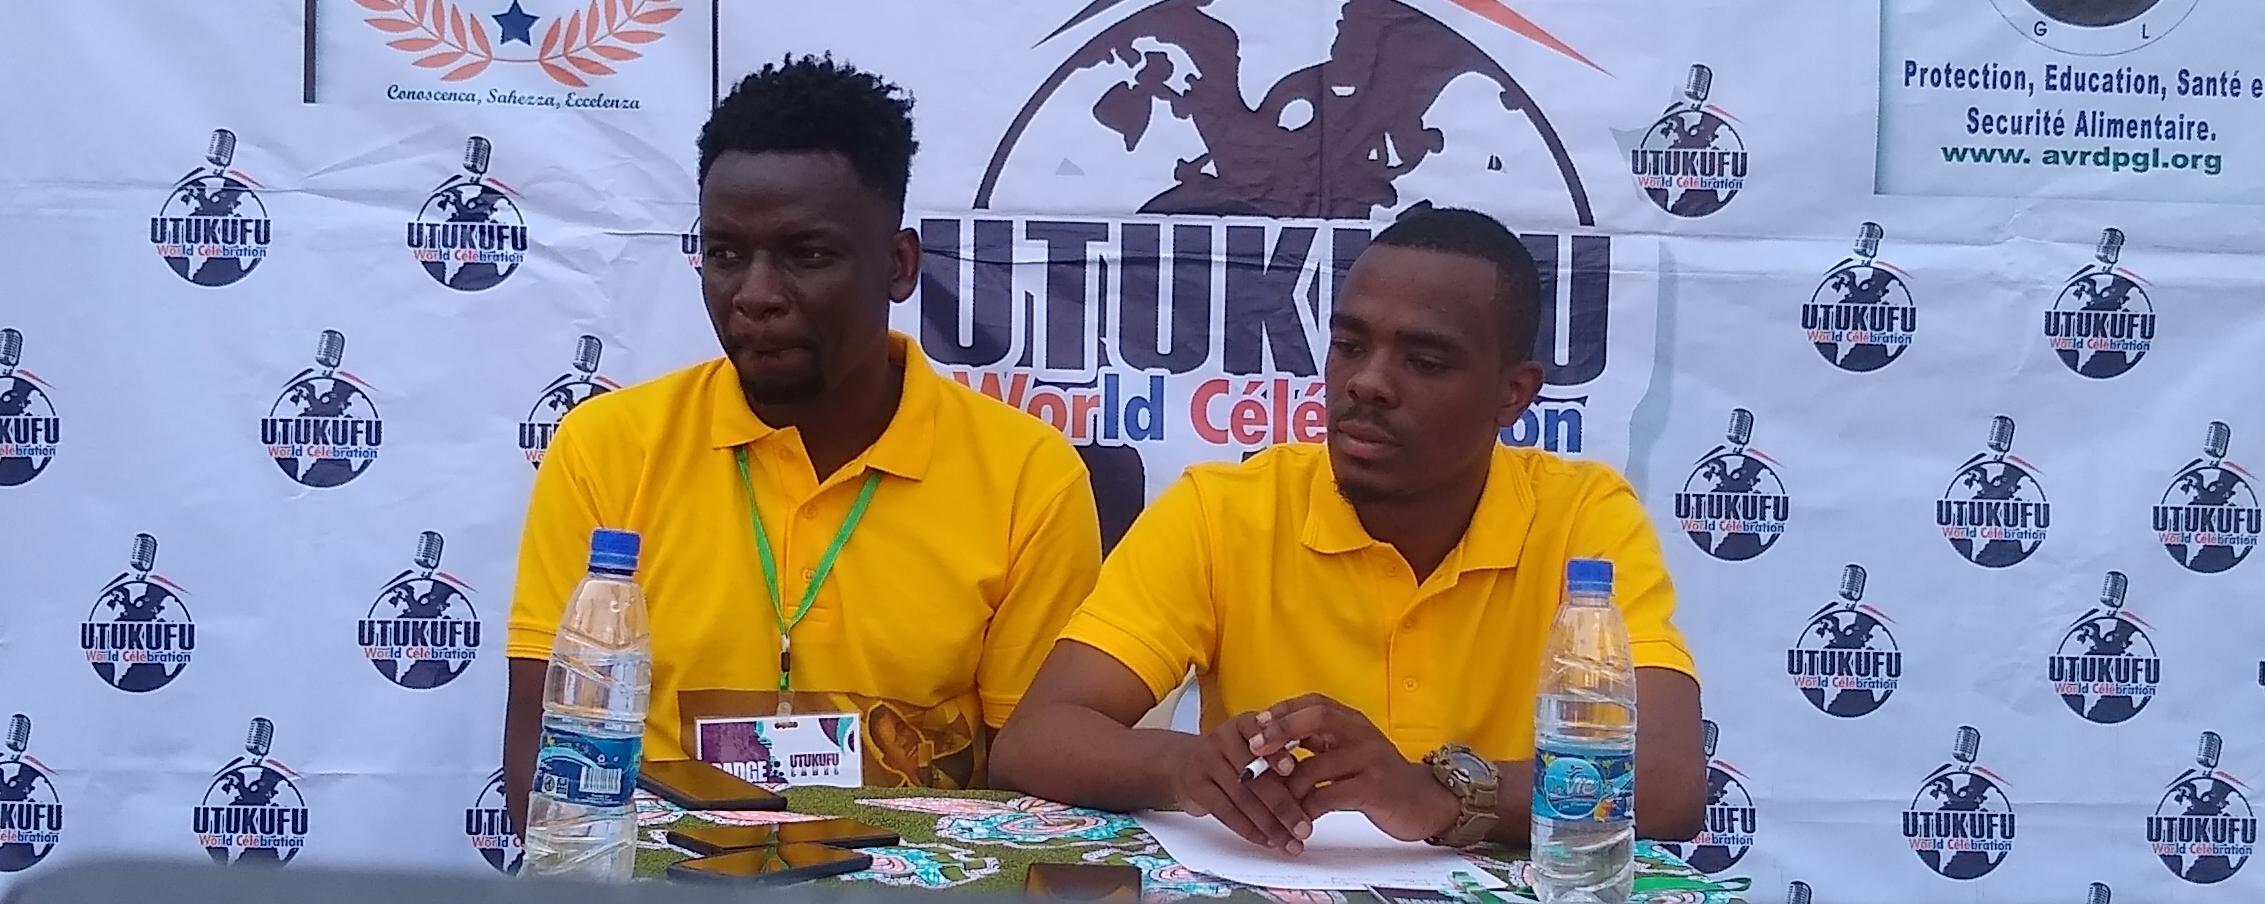 Bukavu/culture : Ndaro Art lance » UTUKUFU world célébration» pour promotion et  la vente de  de la musique Gospel.